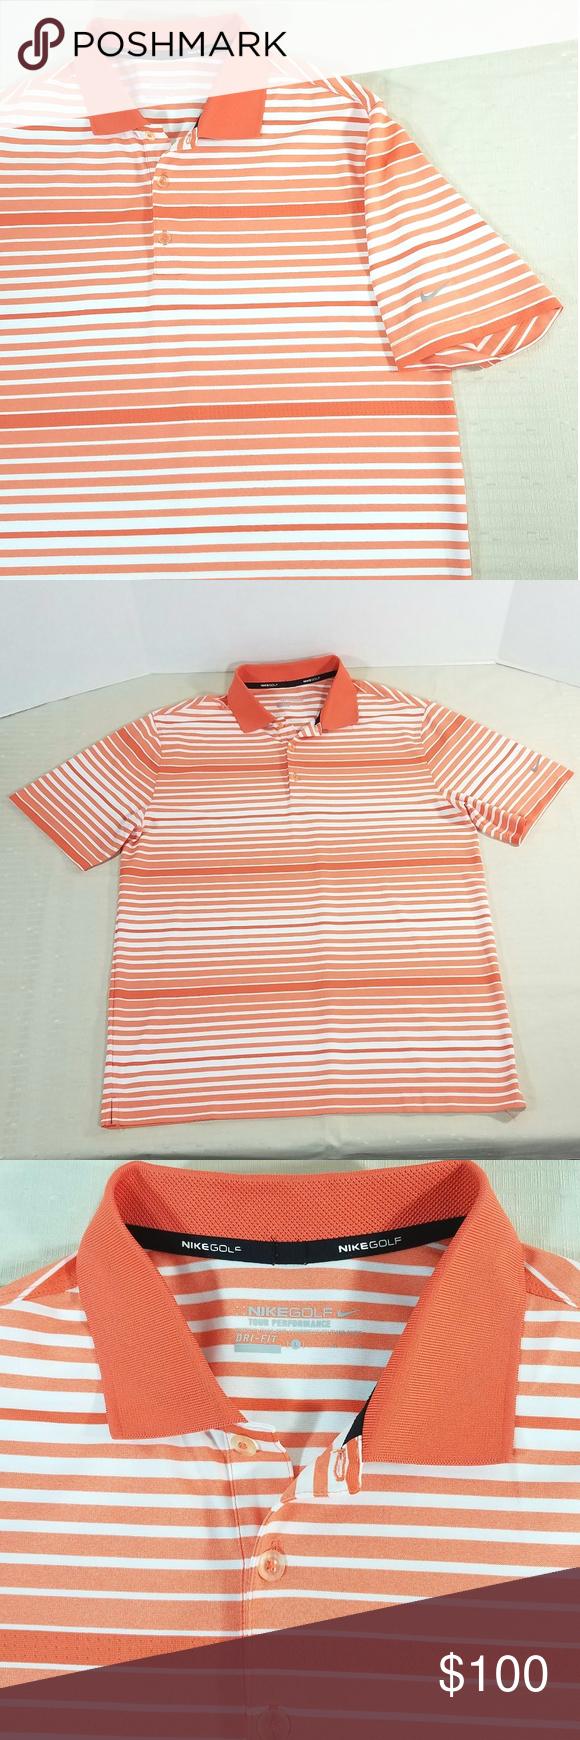 00fe1a66 Nike Golf Key Bold Heather Stripe Polo Shirt Nike Golf Key Bold Heather  Stripe Polo Shirt. Visit. February 2019